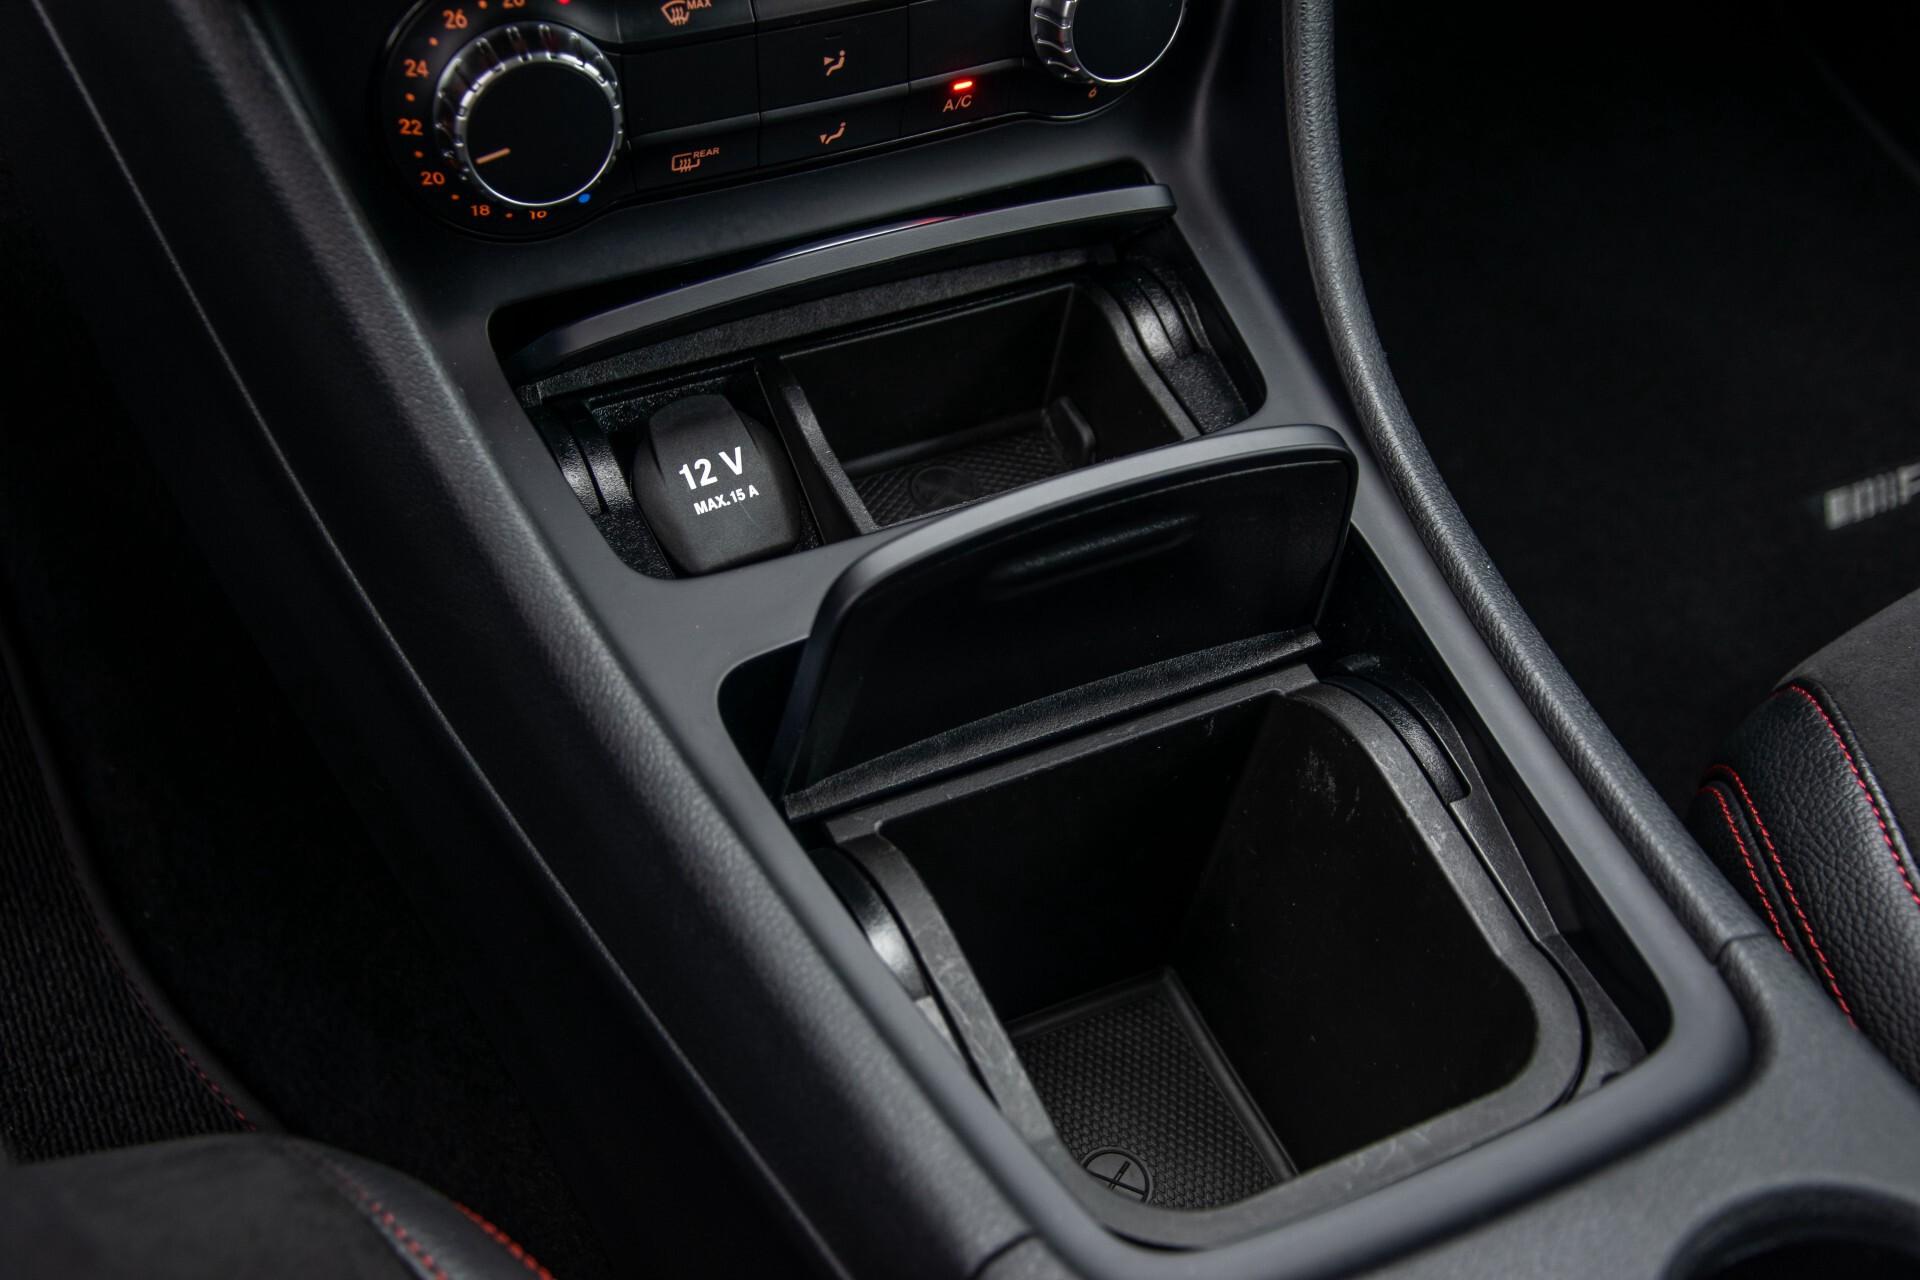 Mercedes-Benz A-Klasse 180 AMG Dynamic Handling/Camera/Xenon/Navi/Privacy Aut7 Foto 28